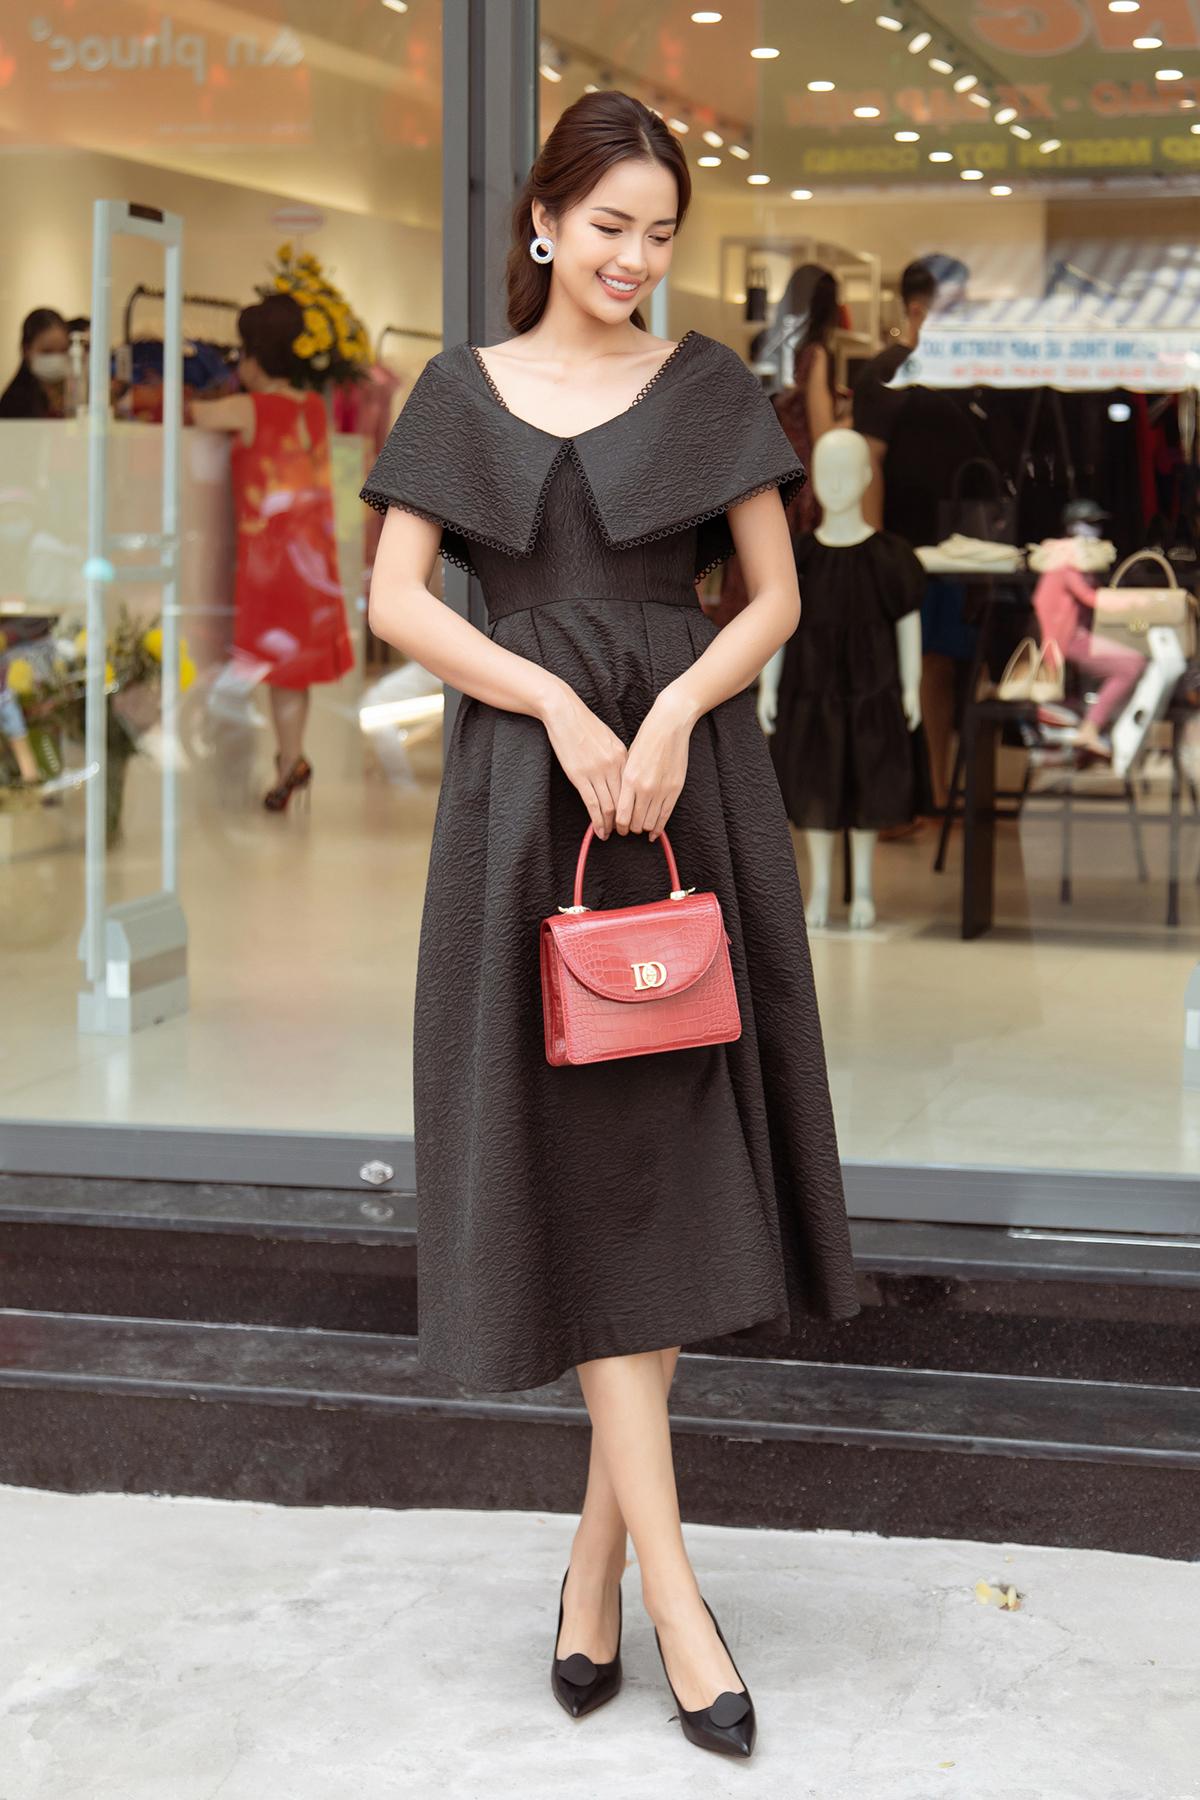 Ngọc Châu bất ngờ đụng hàng Lan Ngọc, nhưng với thiết kế có tông màu đen huyền bí. Người đẹp phối bộ váy cùng chiếc túi đỏ xinh xắn, nổi bật.